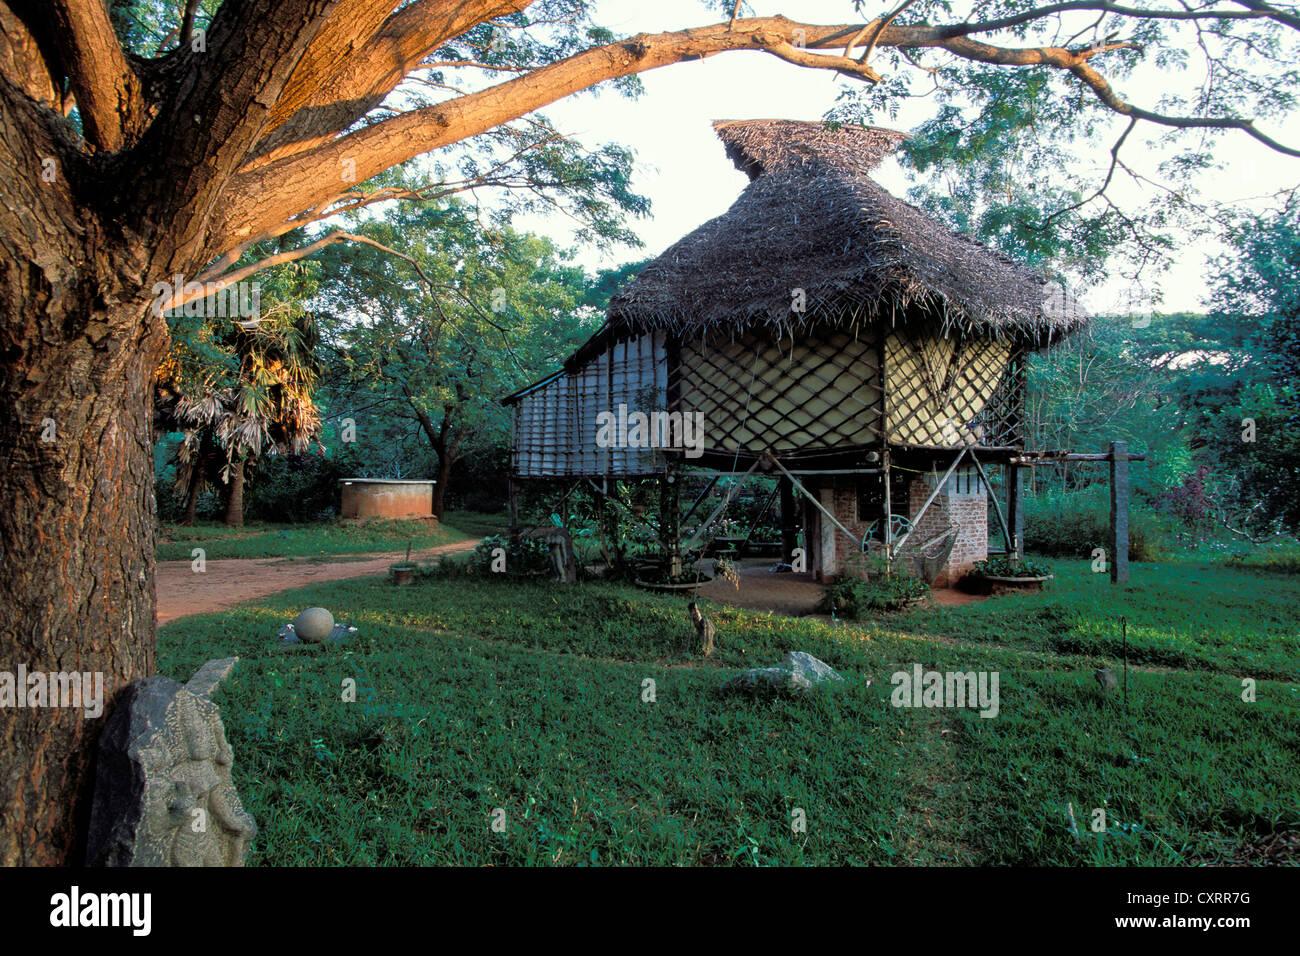 Alternative Architektur, Hütte, so genannte Kapsel, Auroville, experimentelle Township in der Nähe von Stockbild